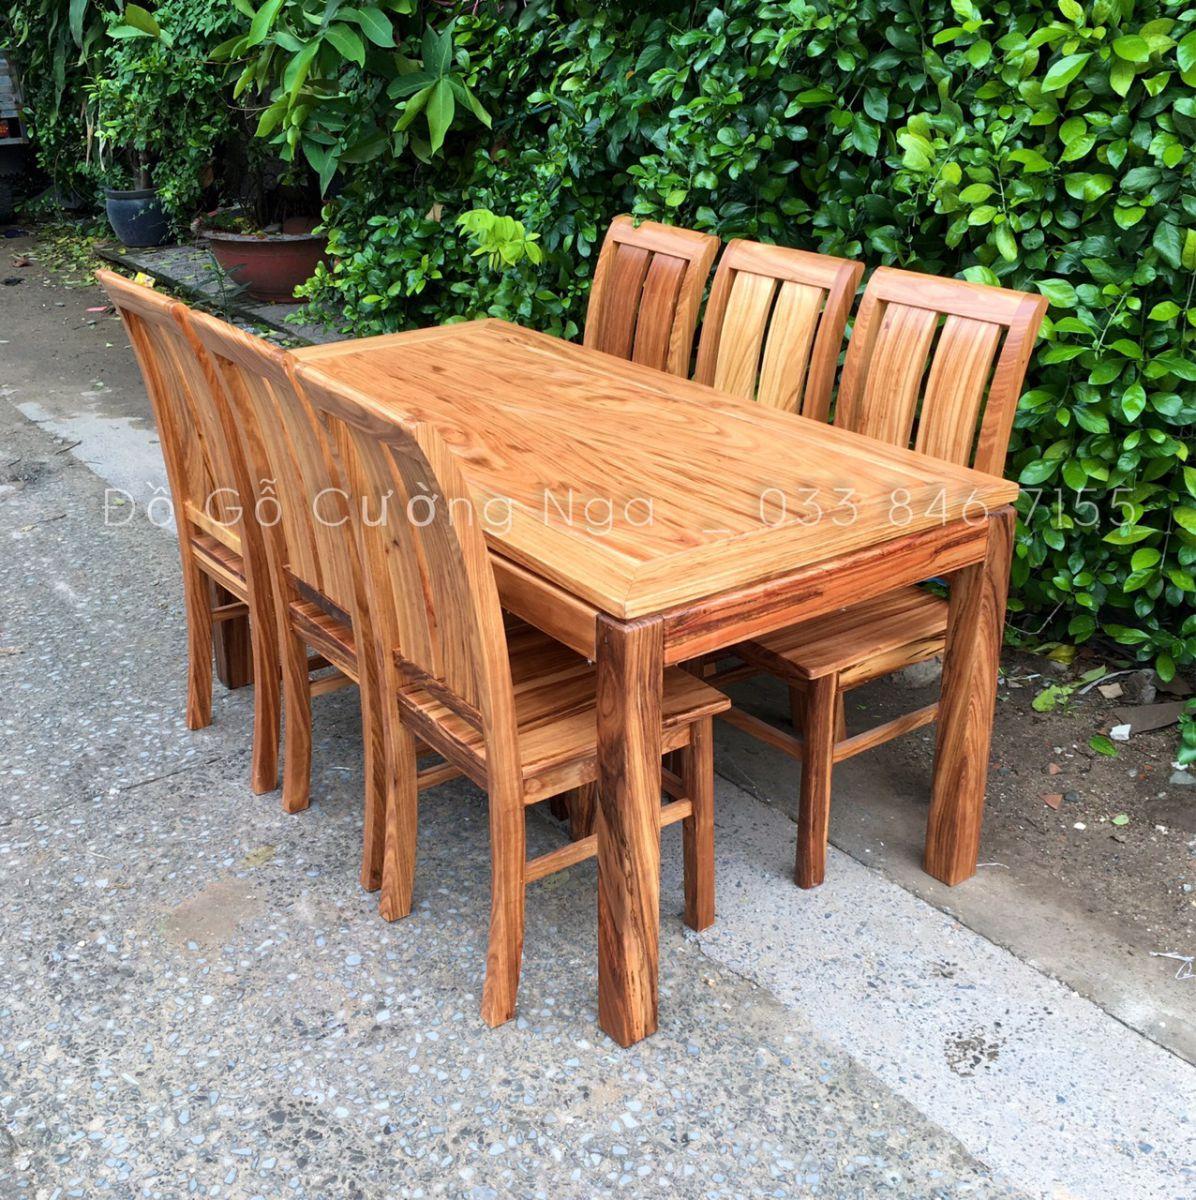 bàn ăn gỗ hương xám 6 ghế